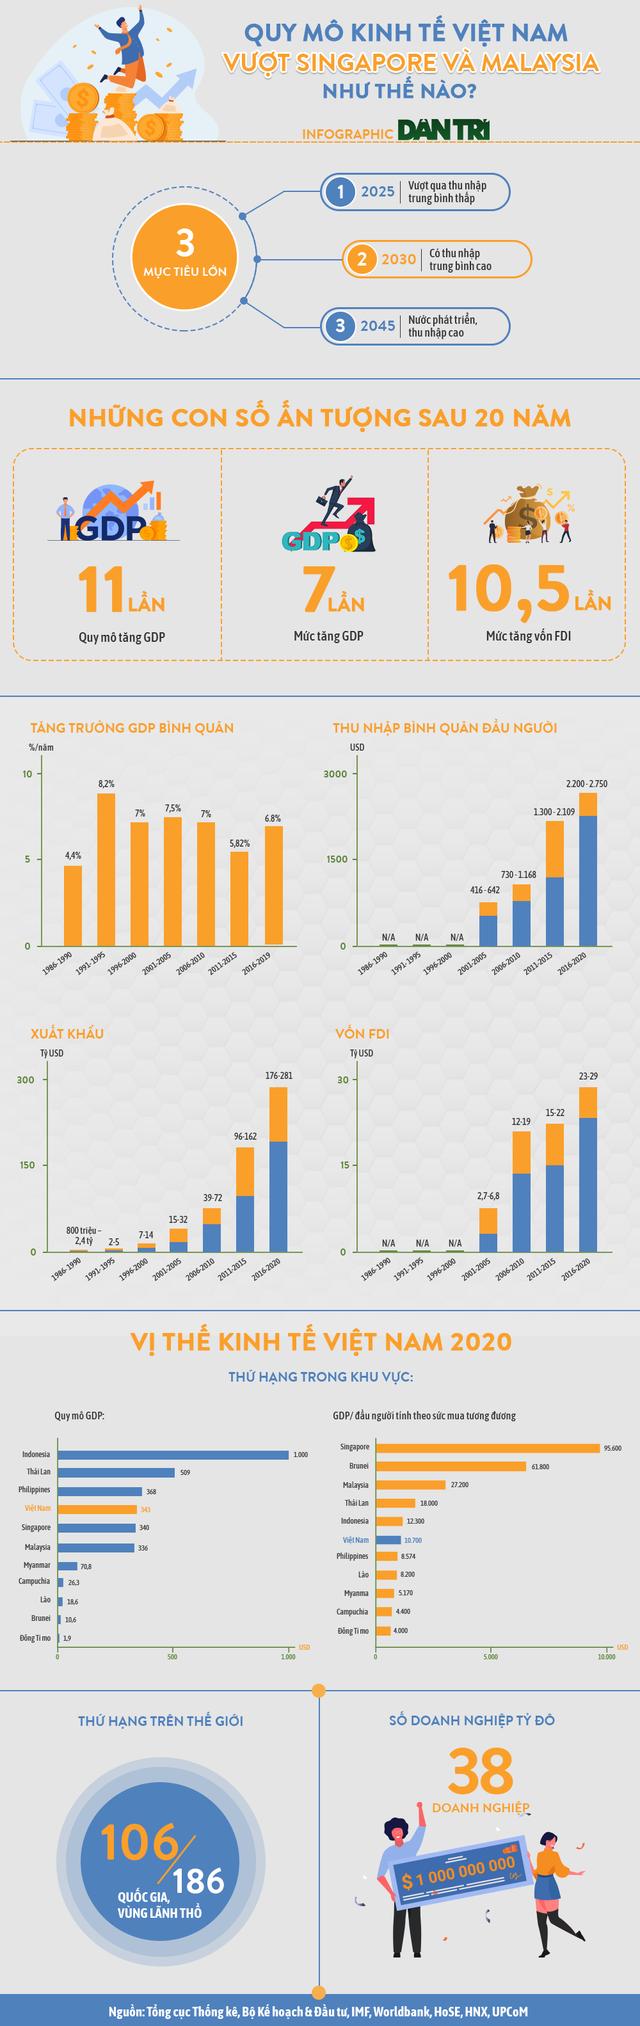 Quy mô kinh tế Việt Nam vượt các ông lớn Singapore và Malaysia thế nào? - 1